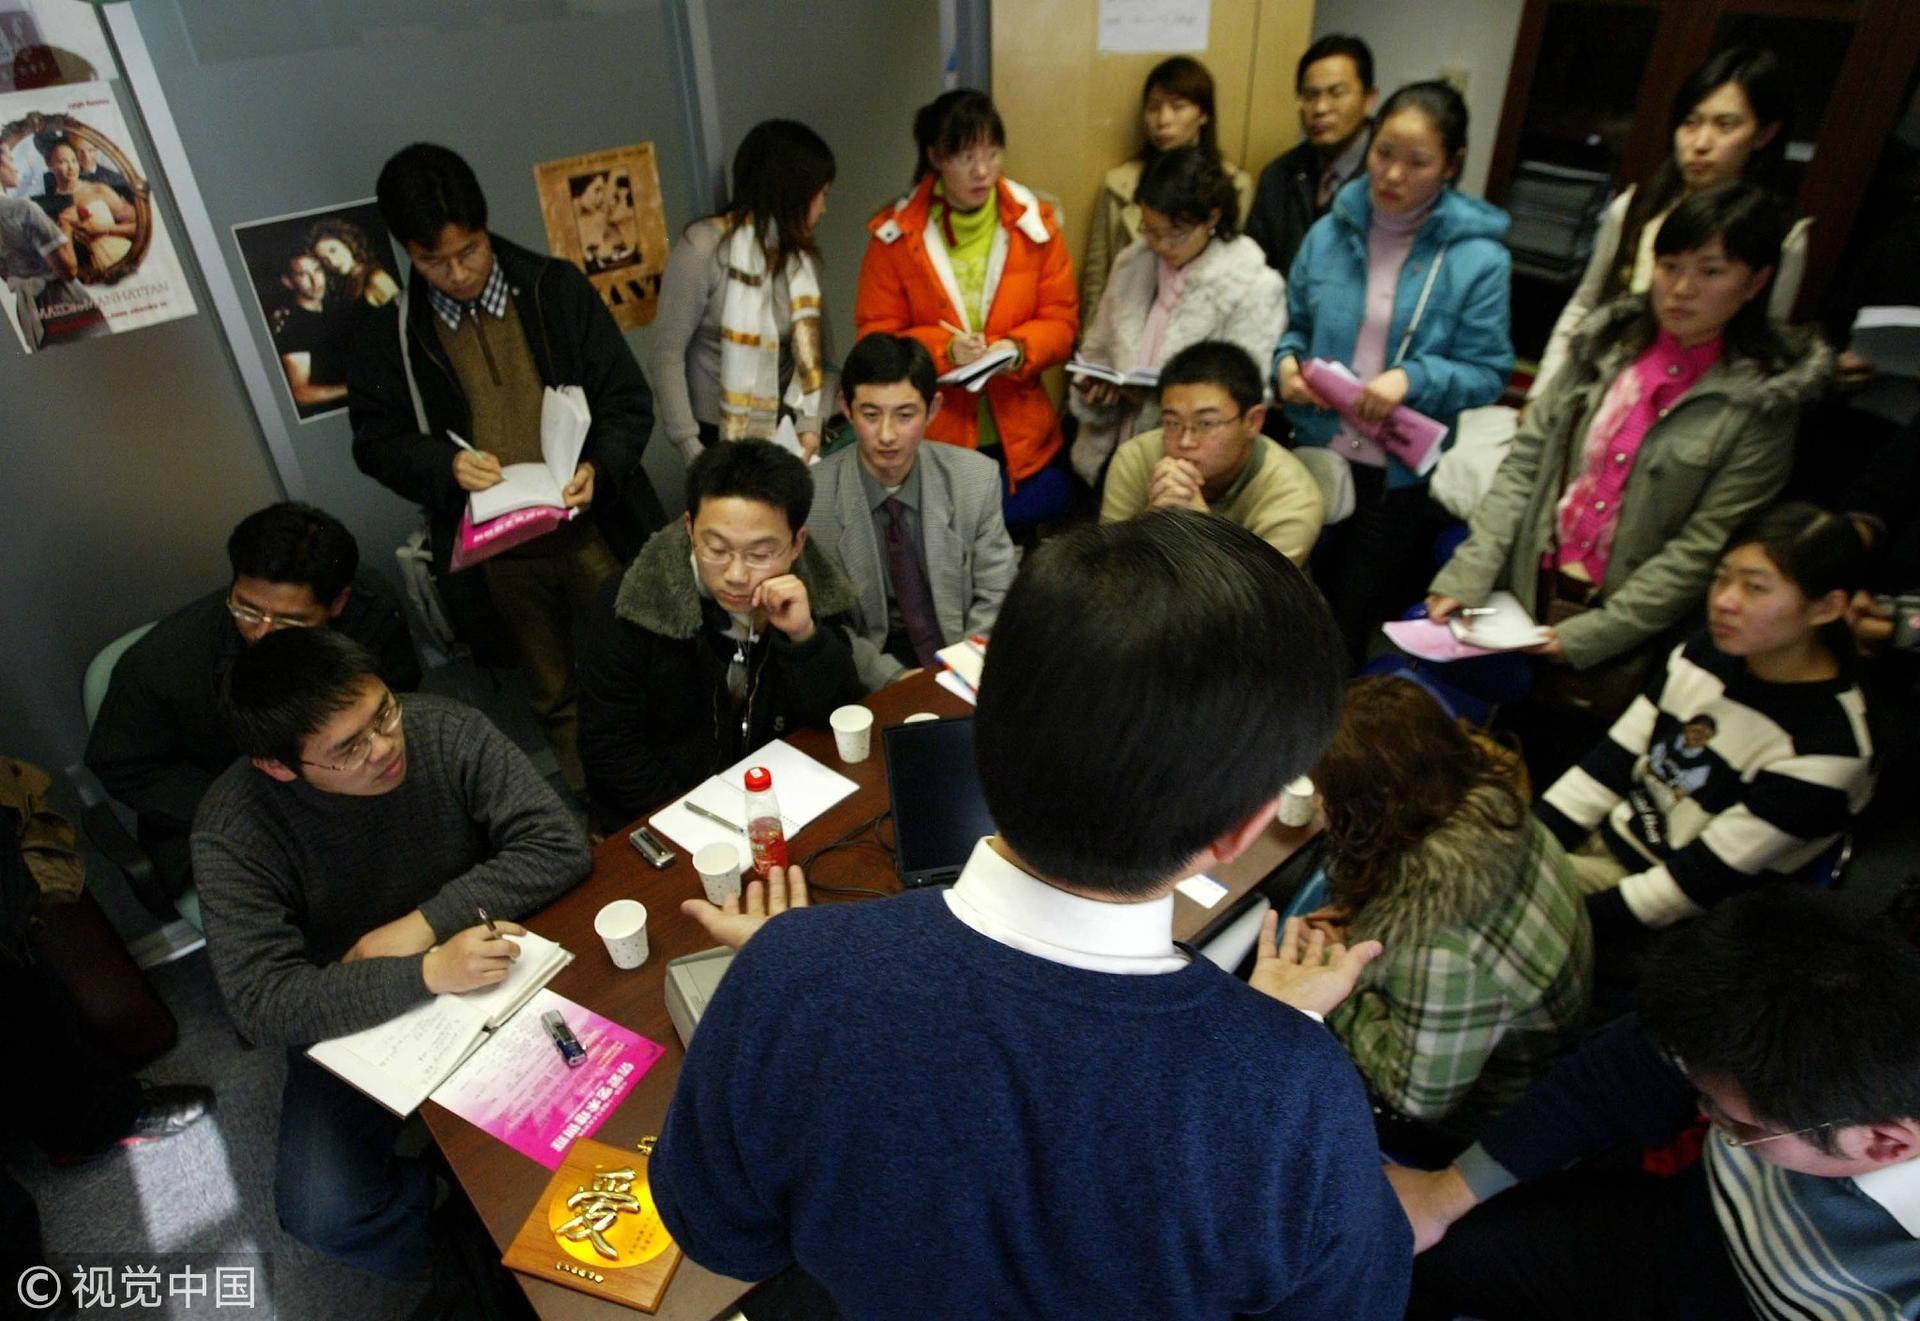 浪潮工作室 | 下辈子 别做中国的文科生